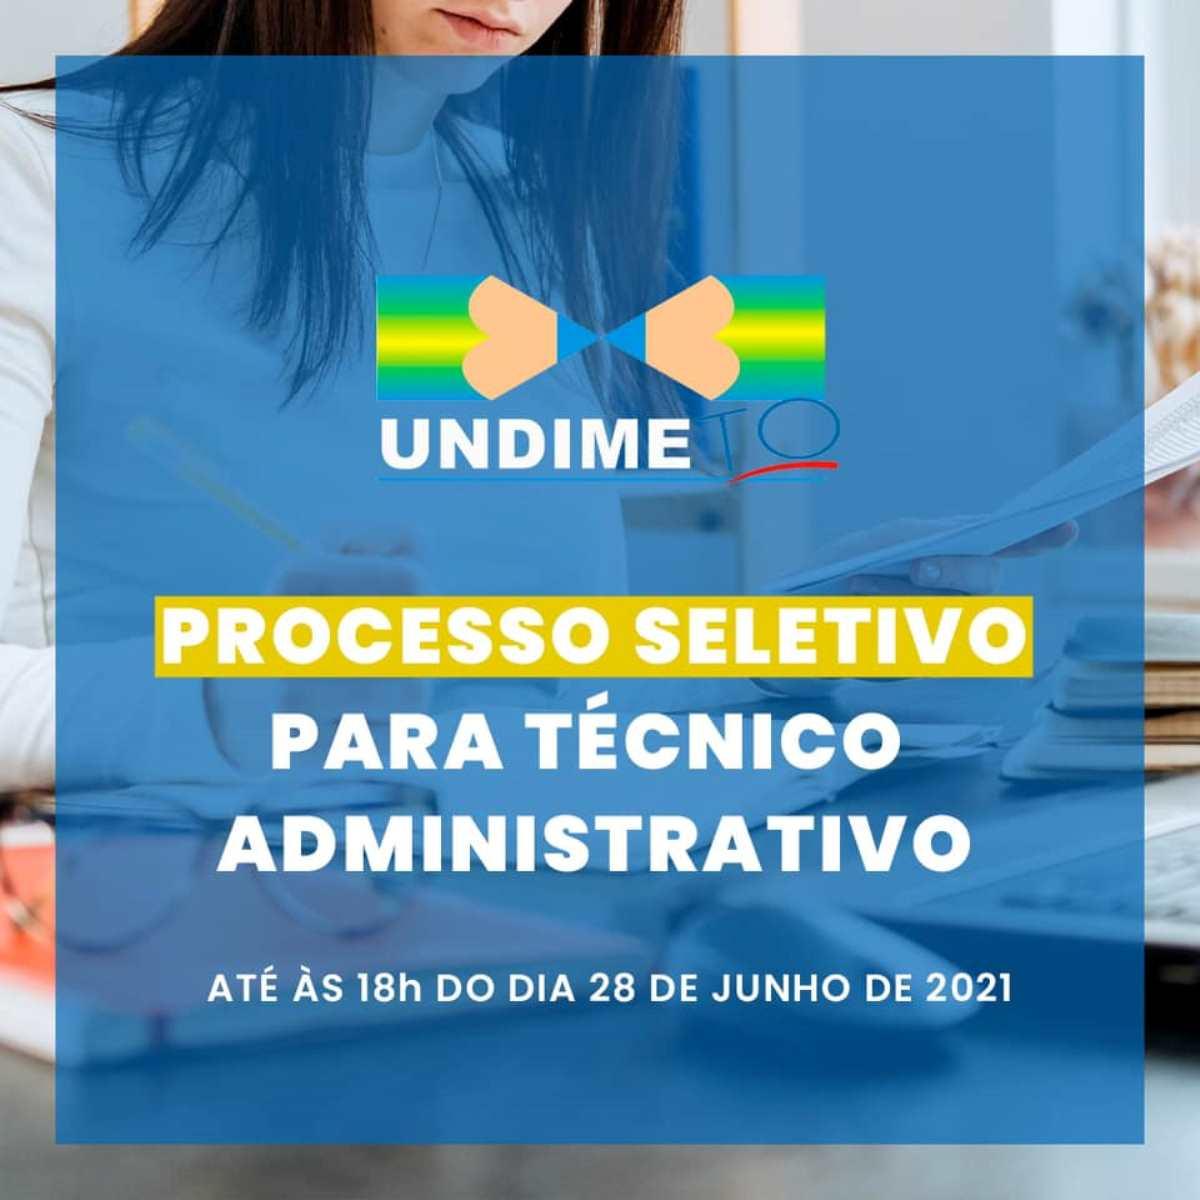 UNDIME/TO lança processo seletivo para Técnico Administrativo